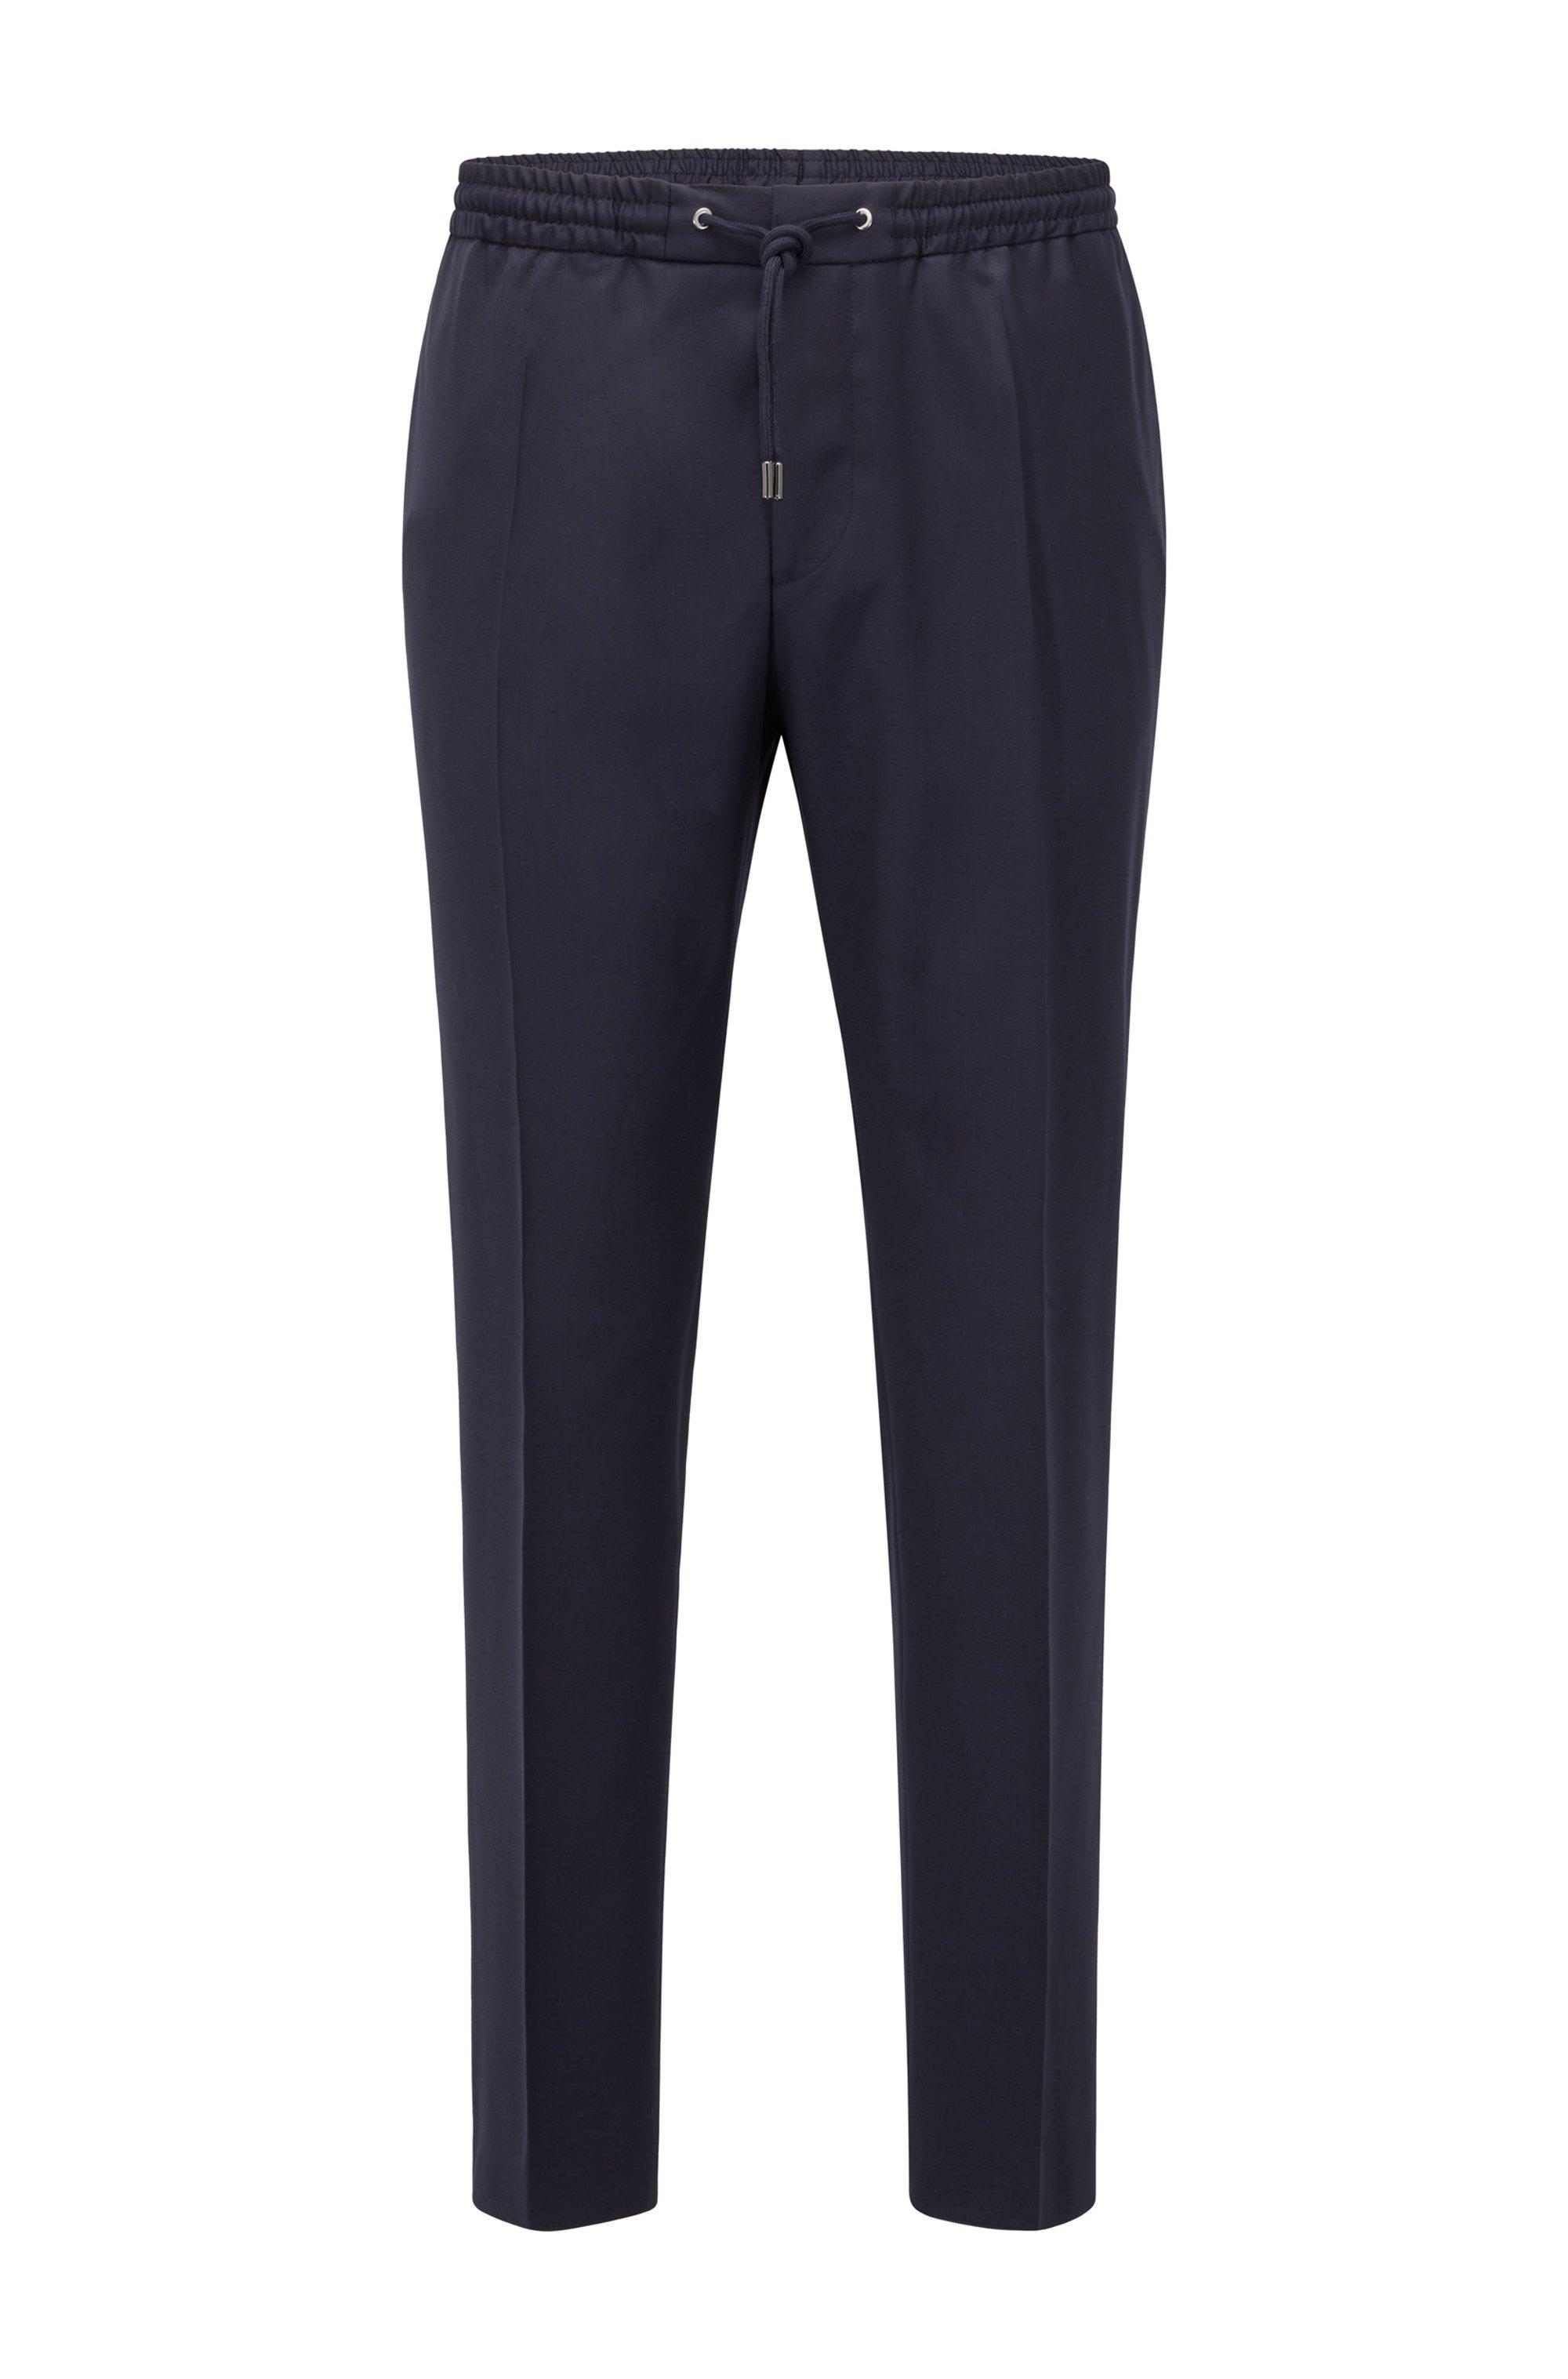 Pantalones slim fit en lana virgen con cordón en la cintura, Azul oscuro